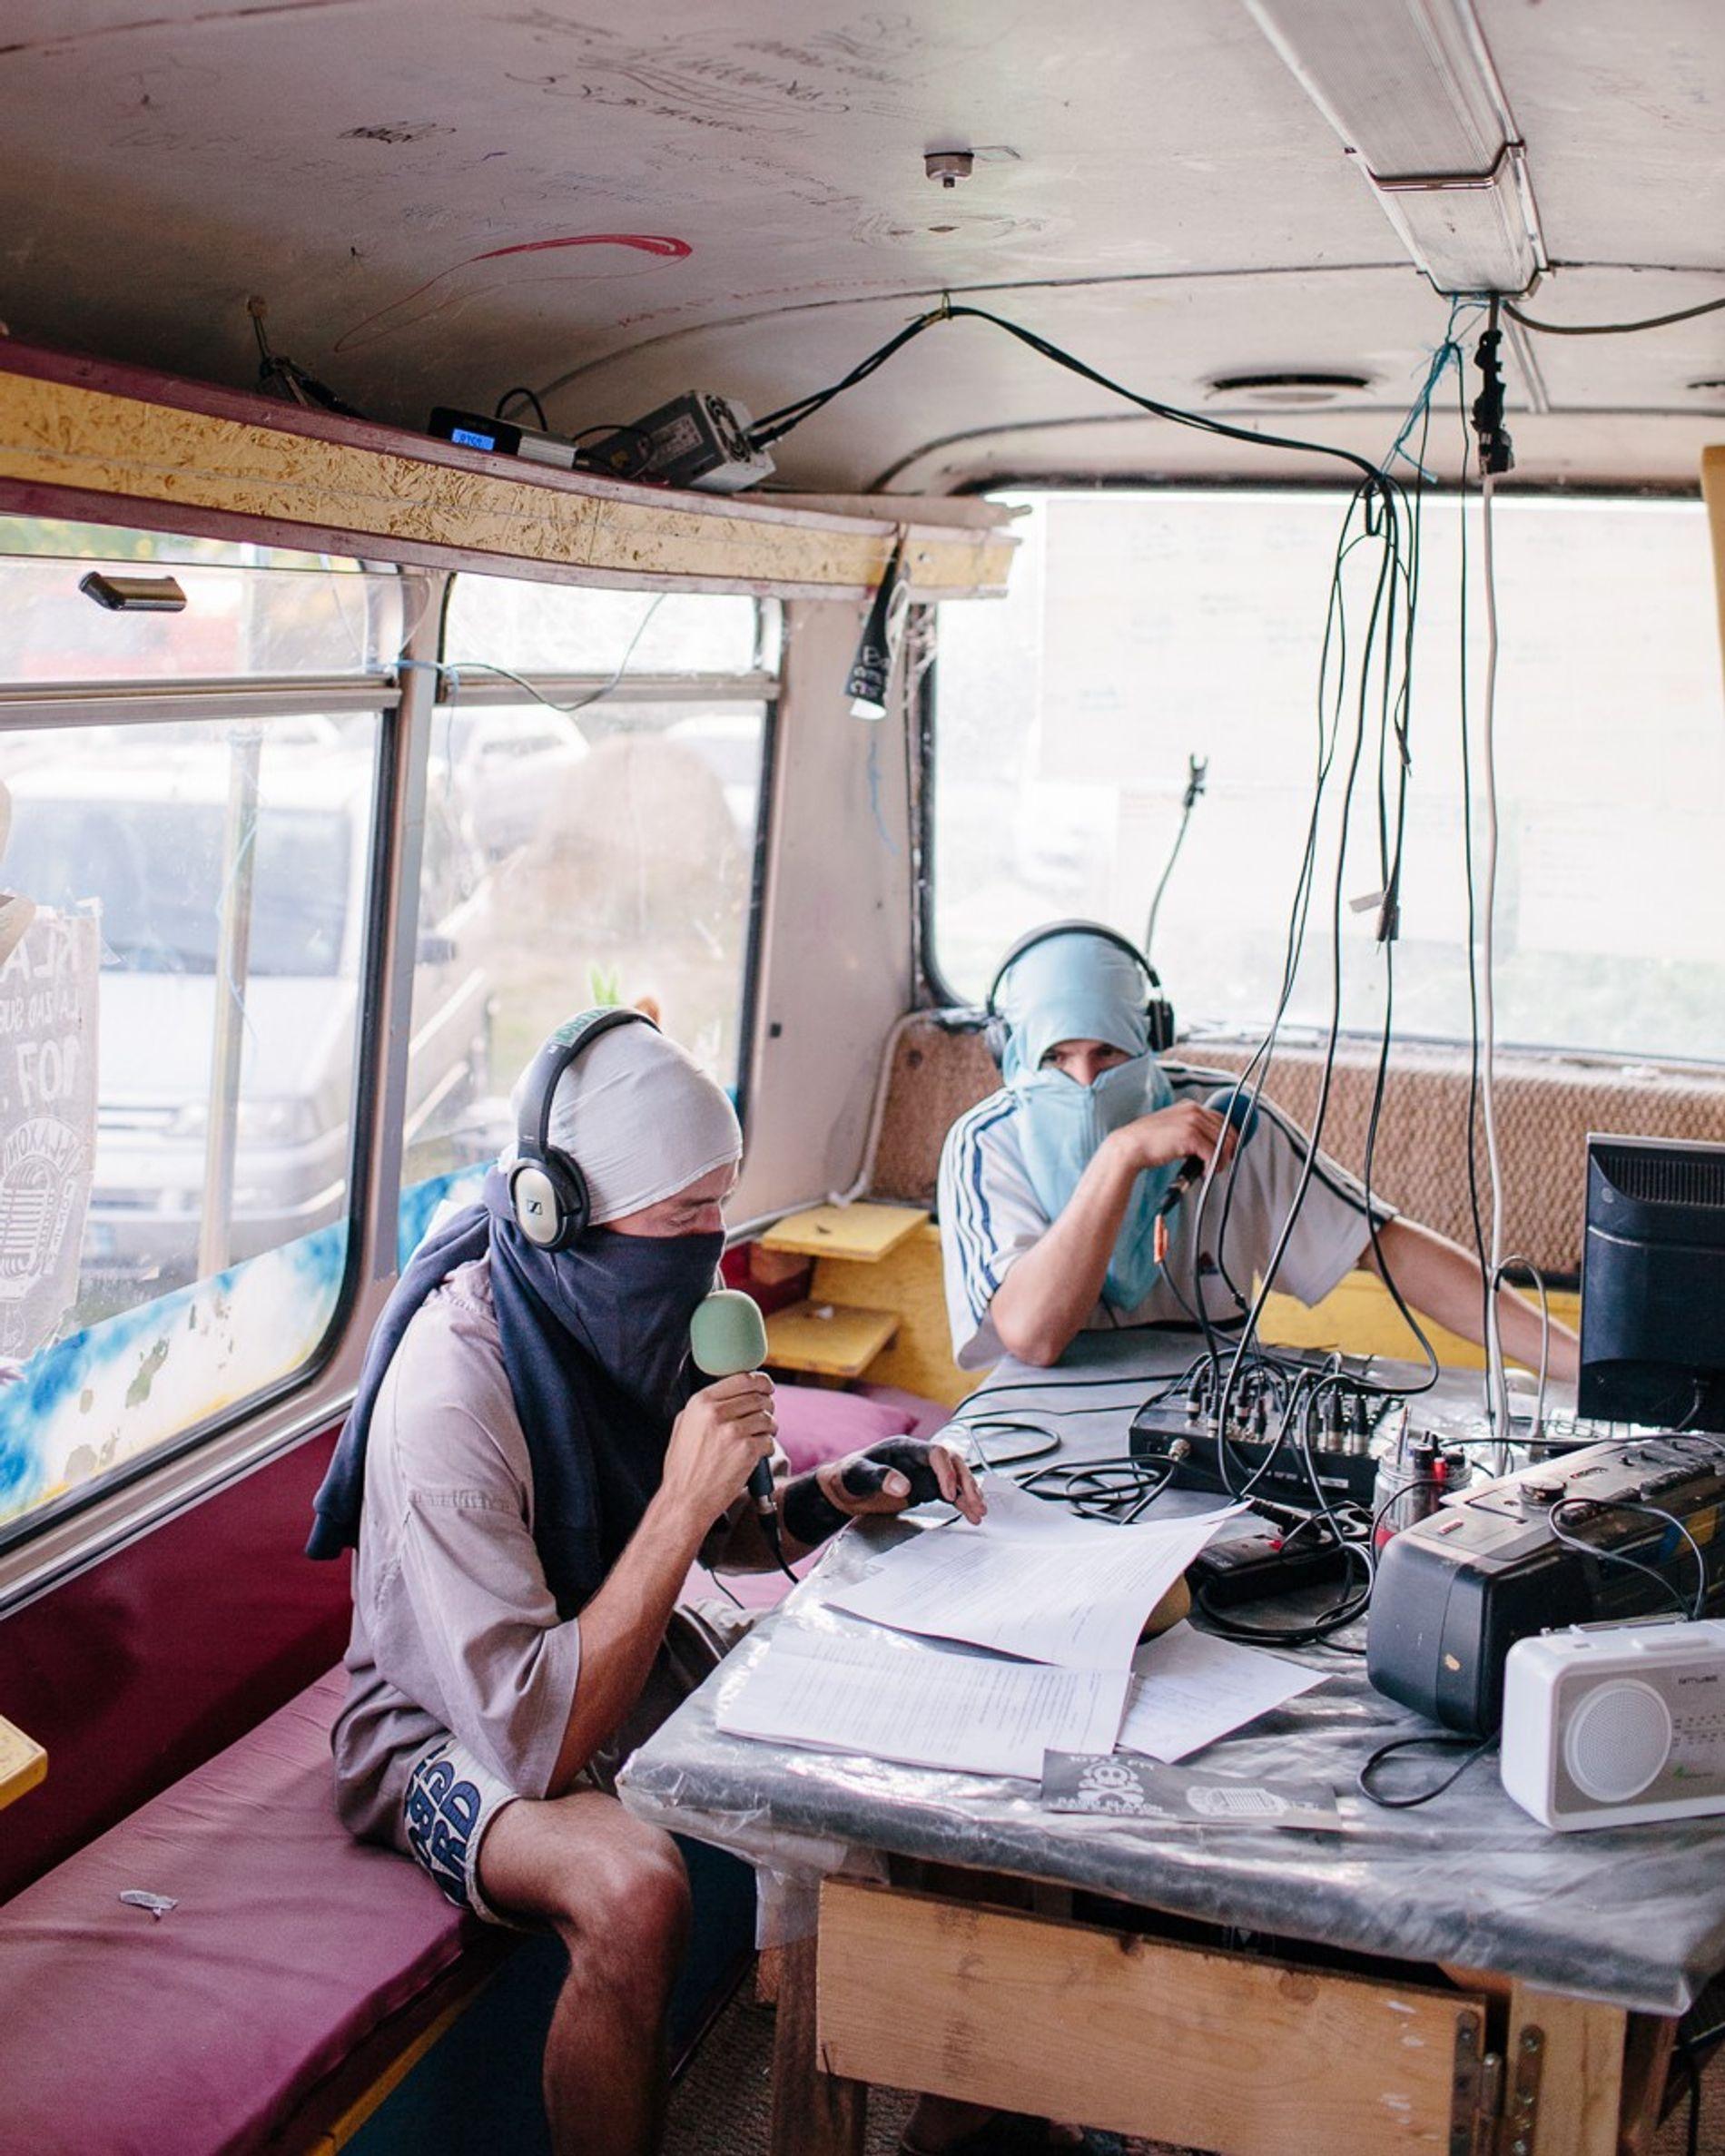 Louis y Manza presentan las noticias de la semana sobre ZAD en Radio Kaxon, la radio pirata de la zona.